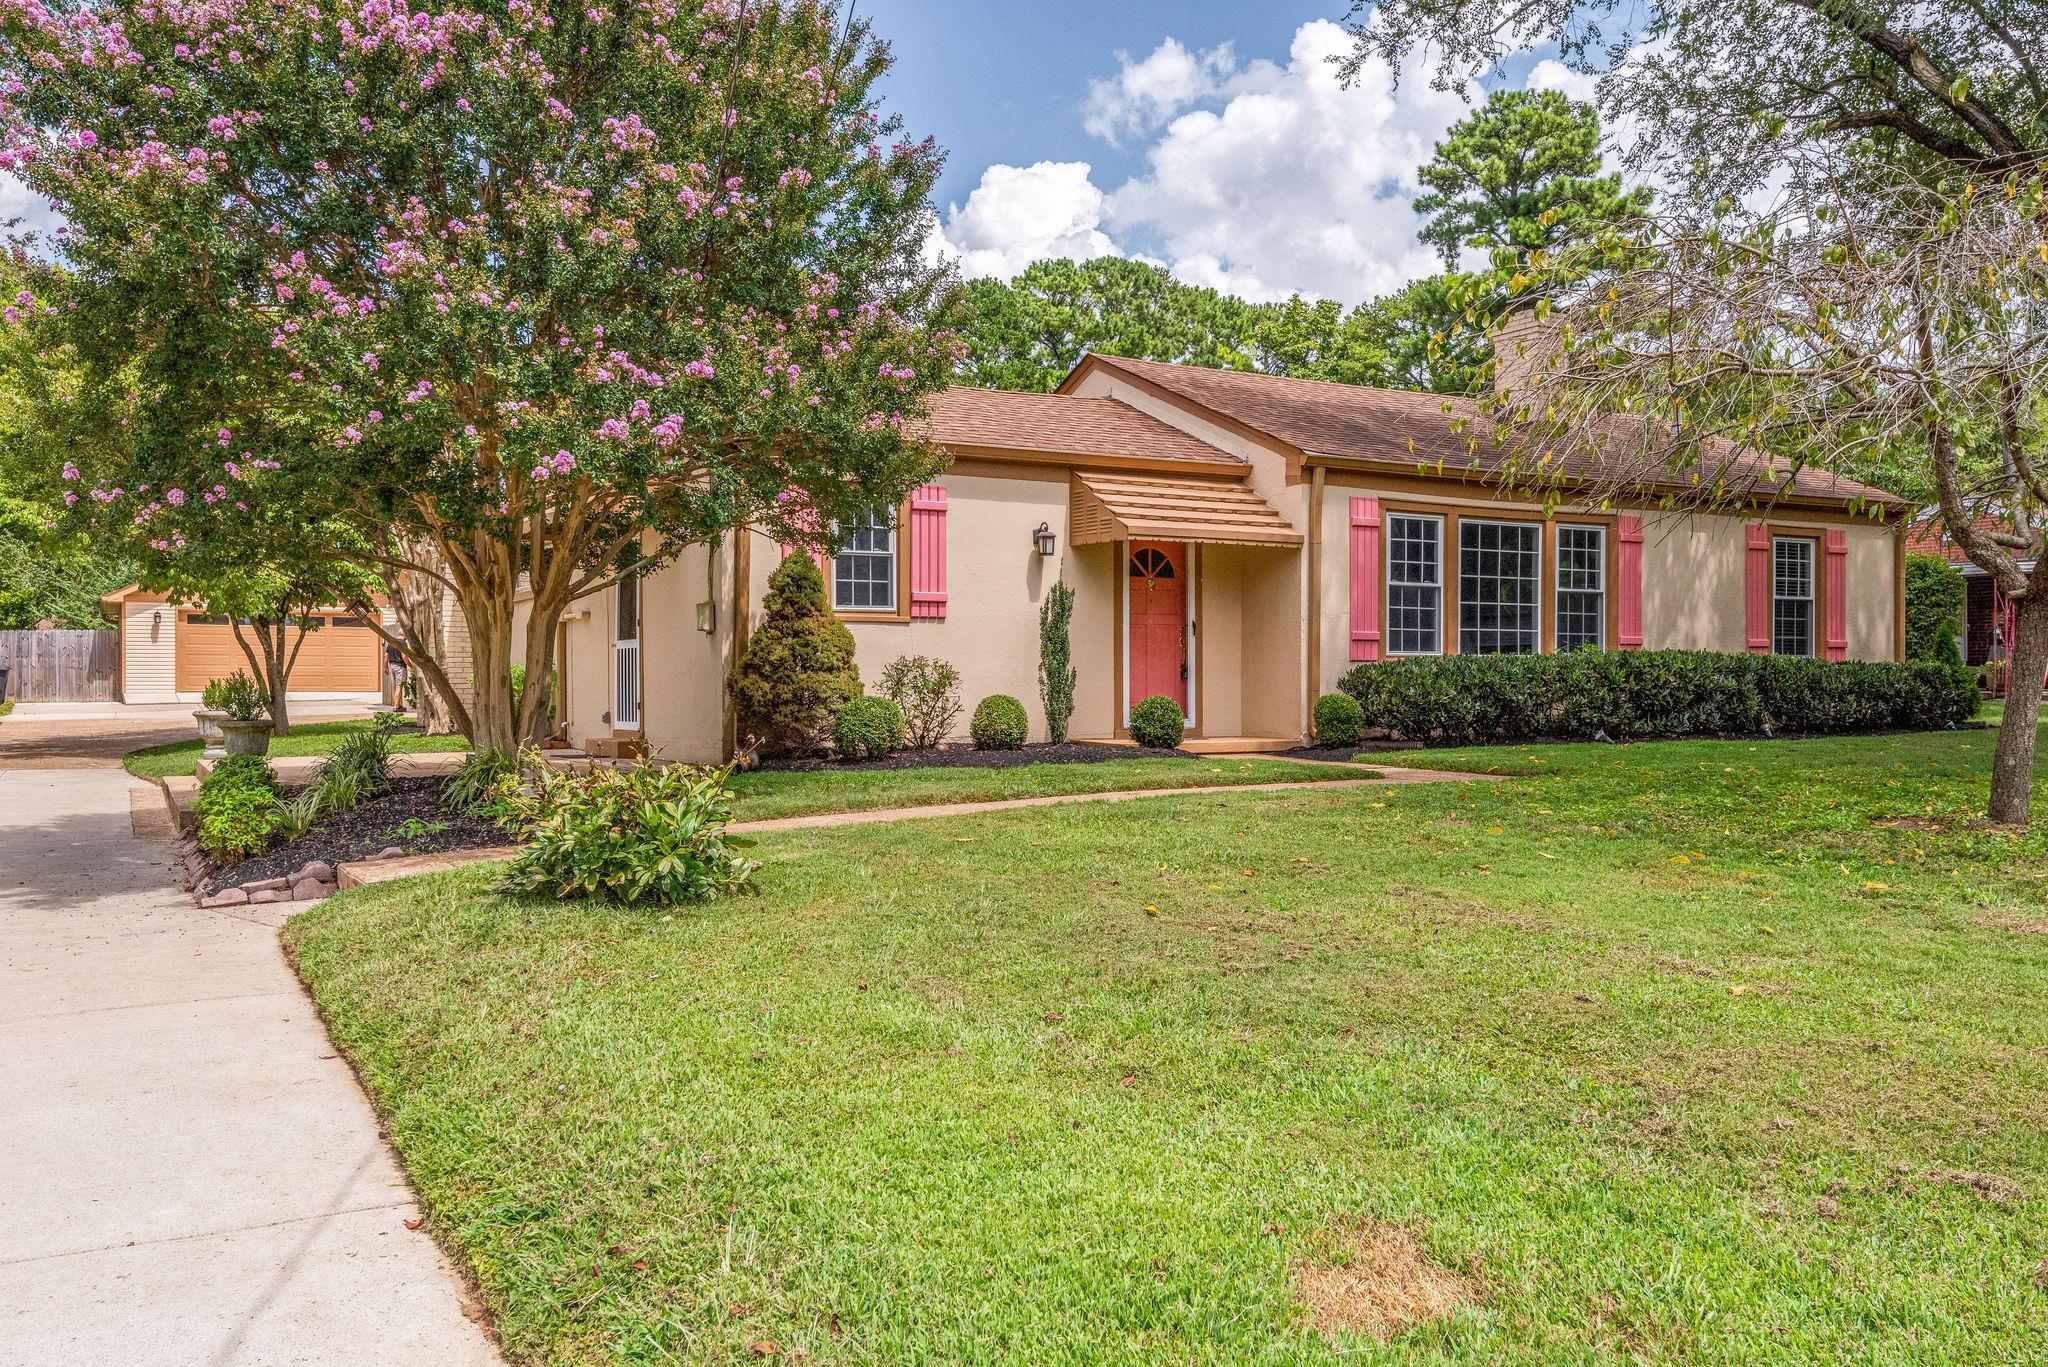 741 Greymont Dr, Nashville, TN 37217 - Nashville, TN real estate listing